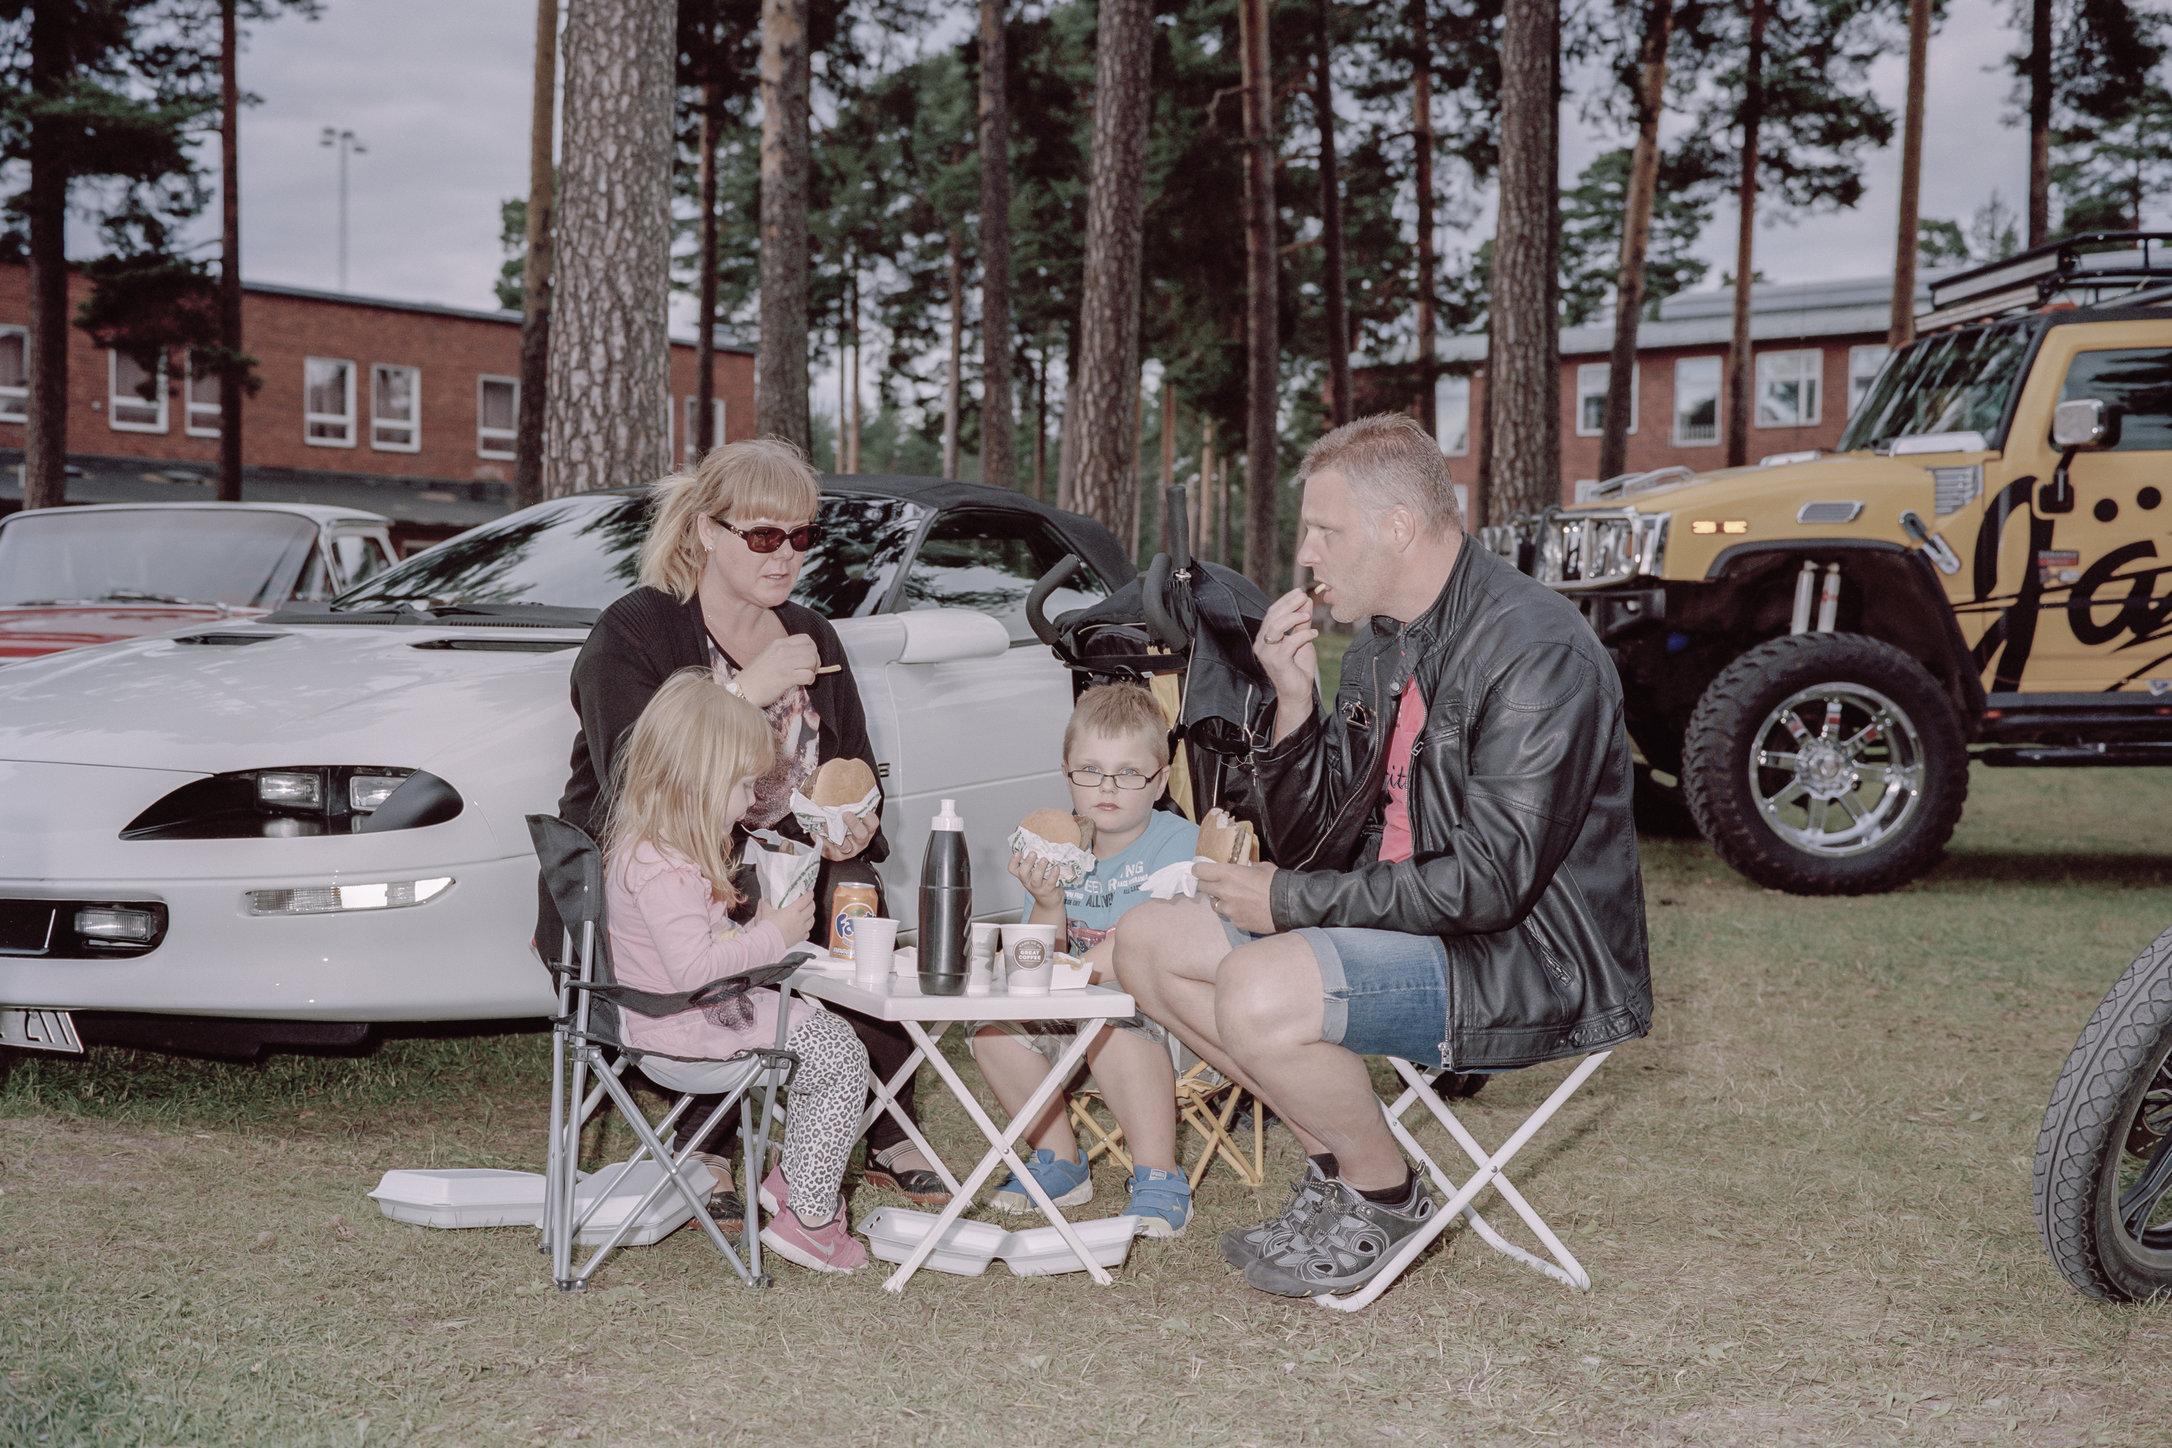 PascalVossen_FamilyGatherings-14.jpg